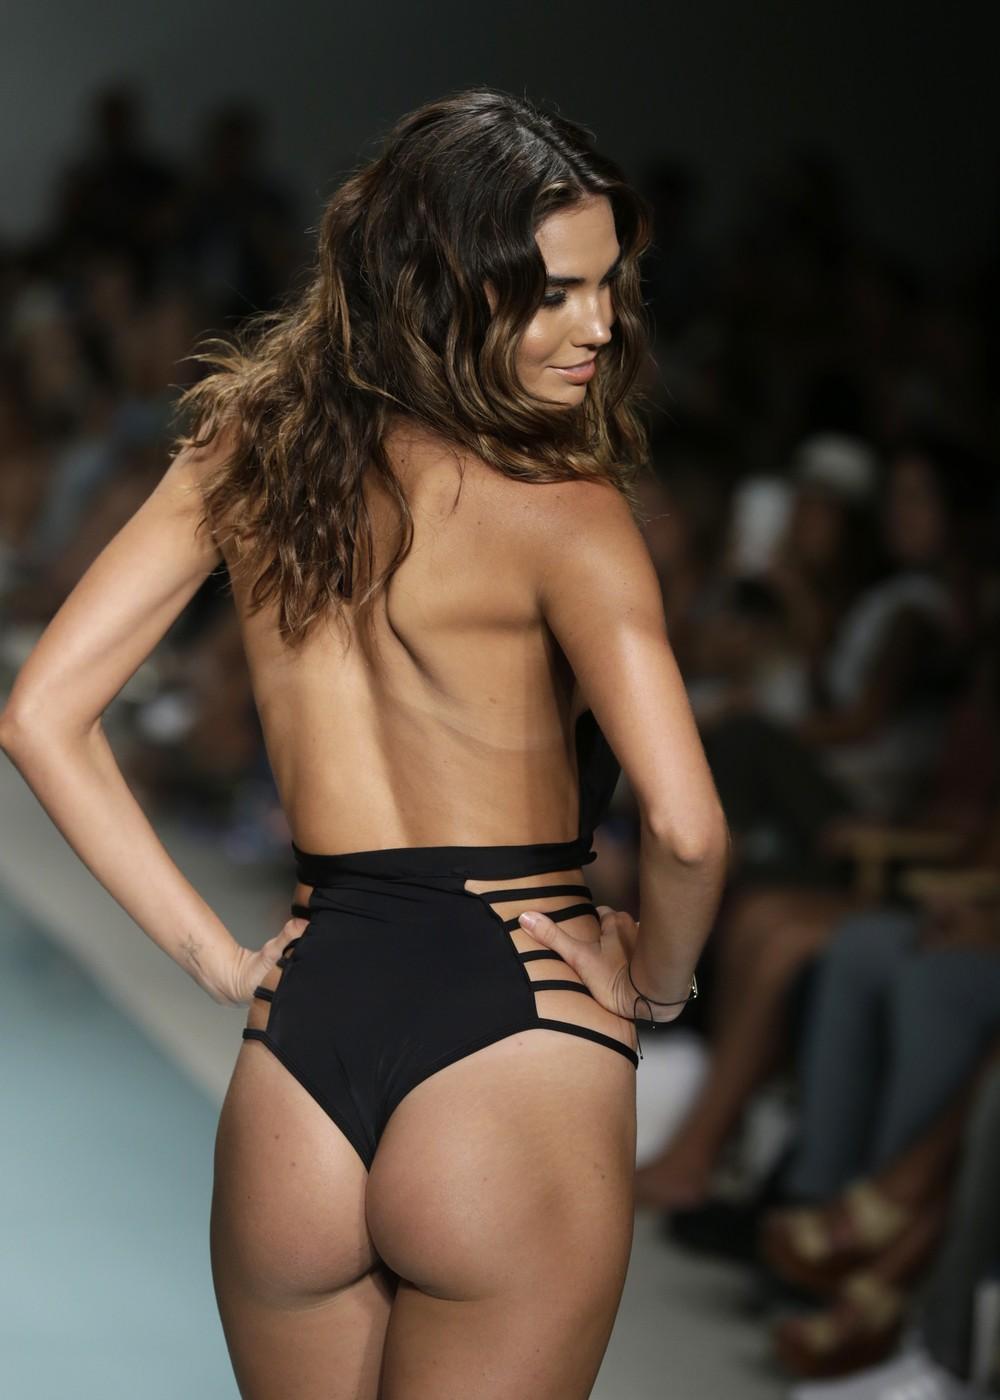 Показ купальников на Funkshion Fashion Week Miami Beach